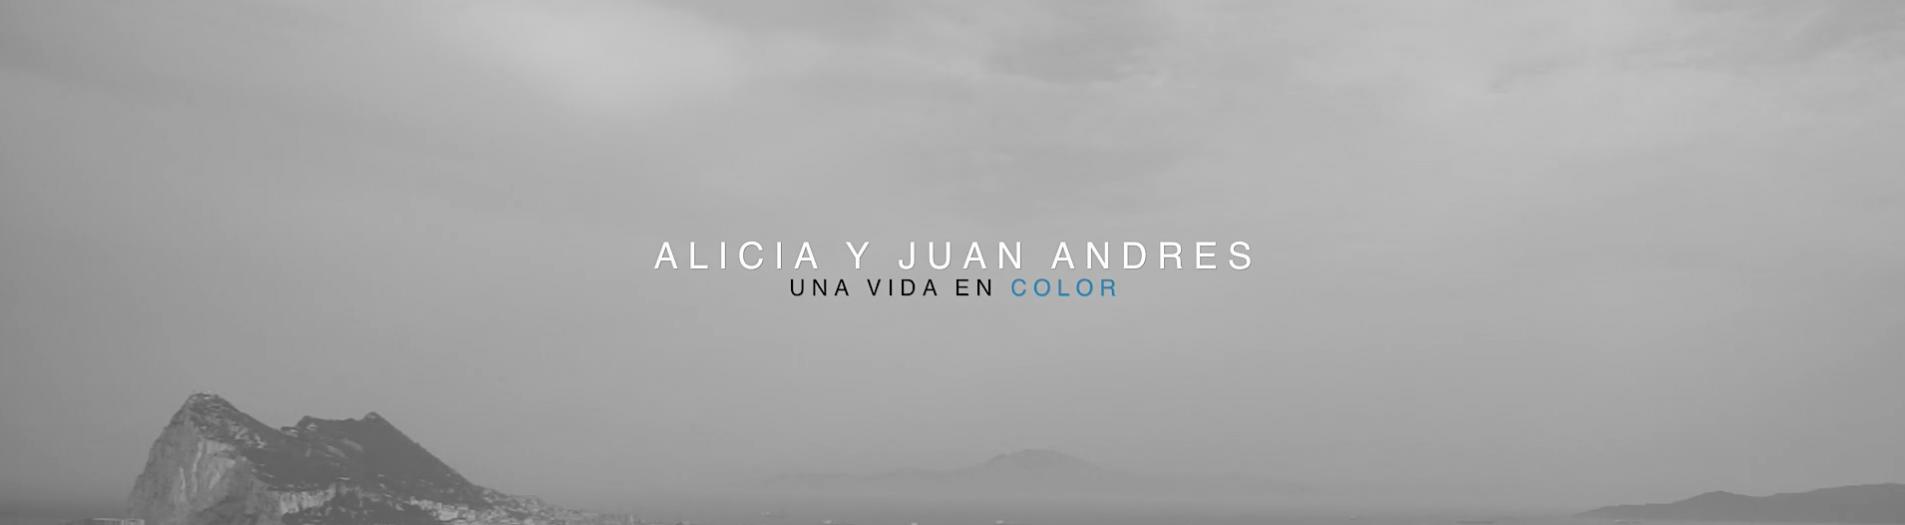 Lovestory Alicia y Juan Andres